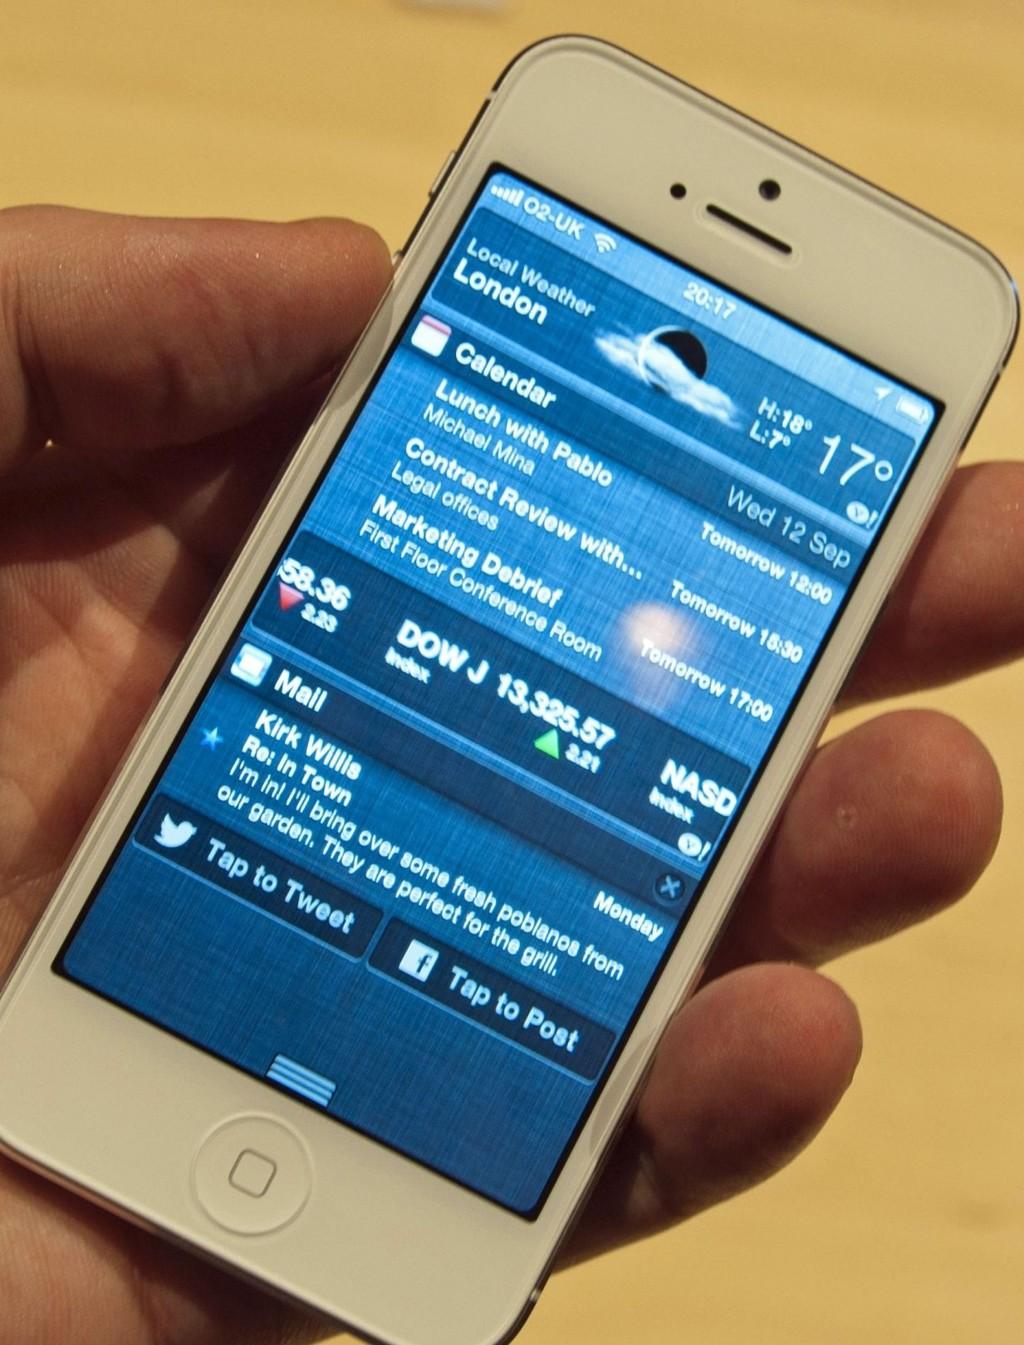 Det er forbudt å bruke mobil uten håndfri i bil, men over halvparten av de med inntekt over 800.000 tar vanligvis telefonen likevel.